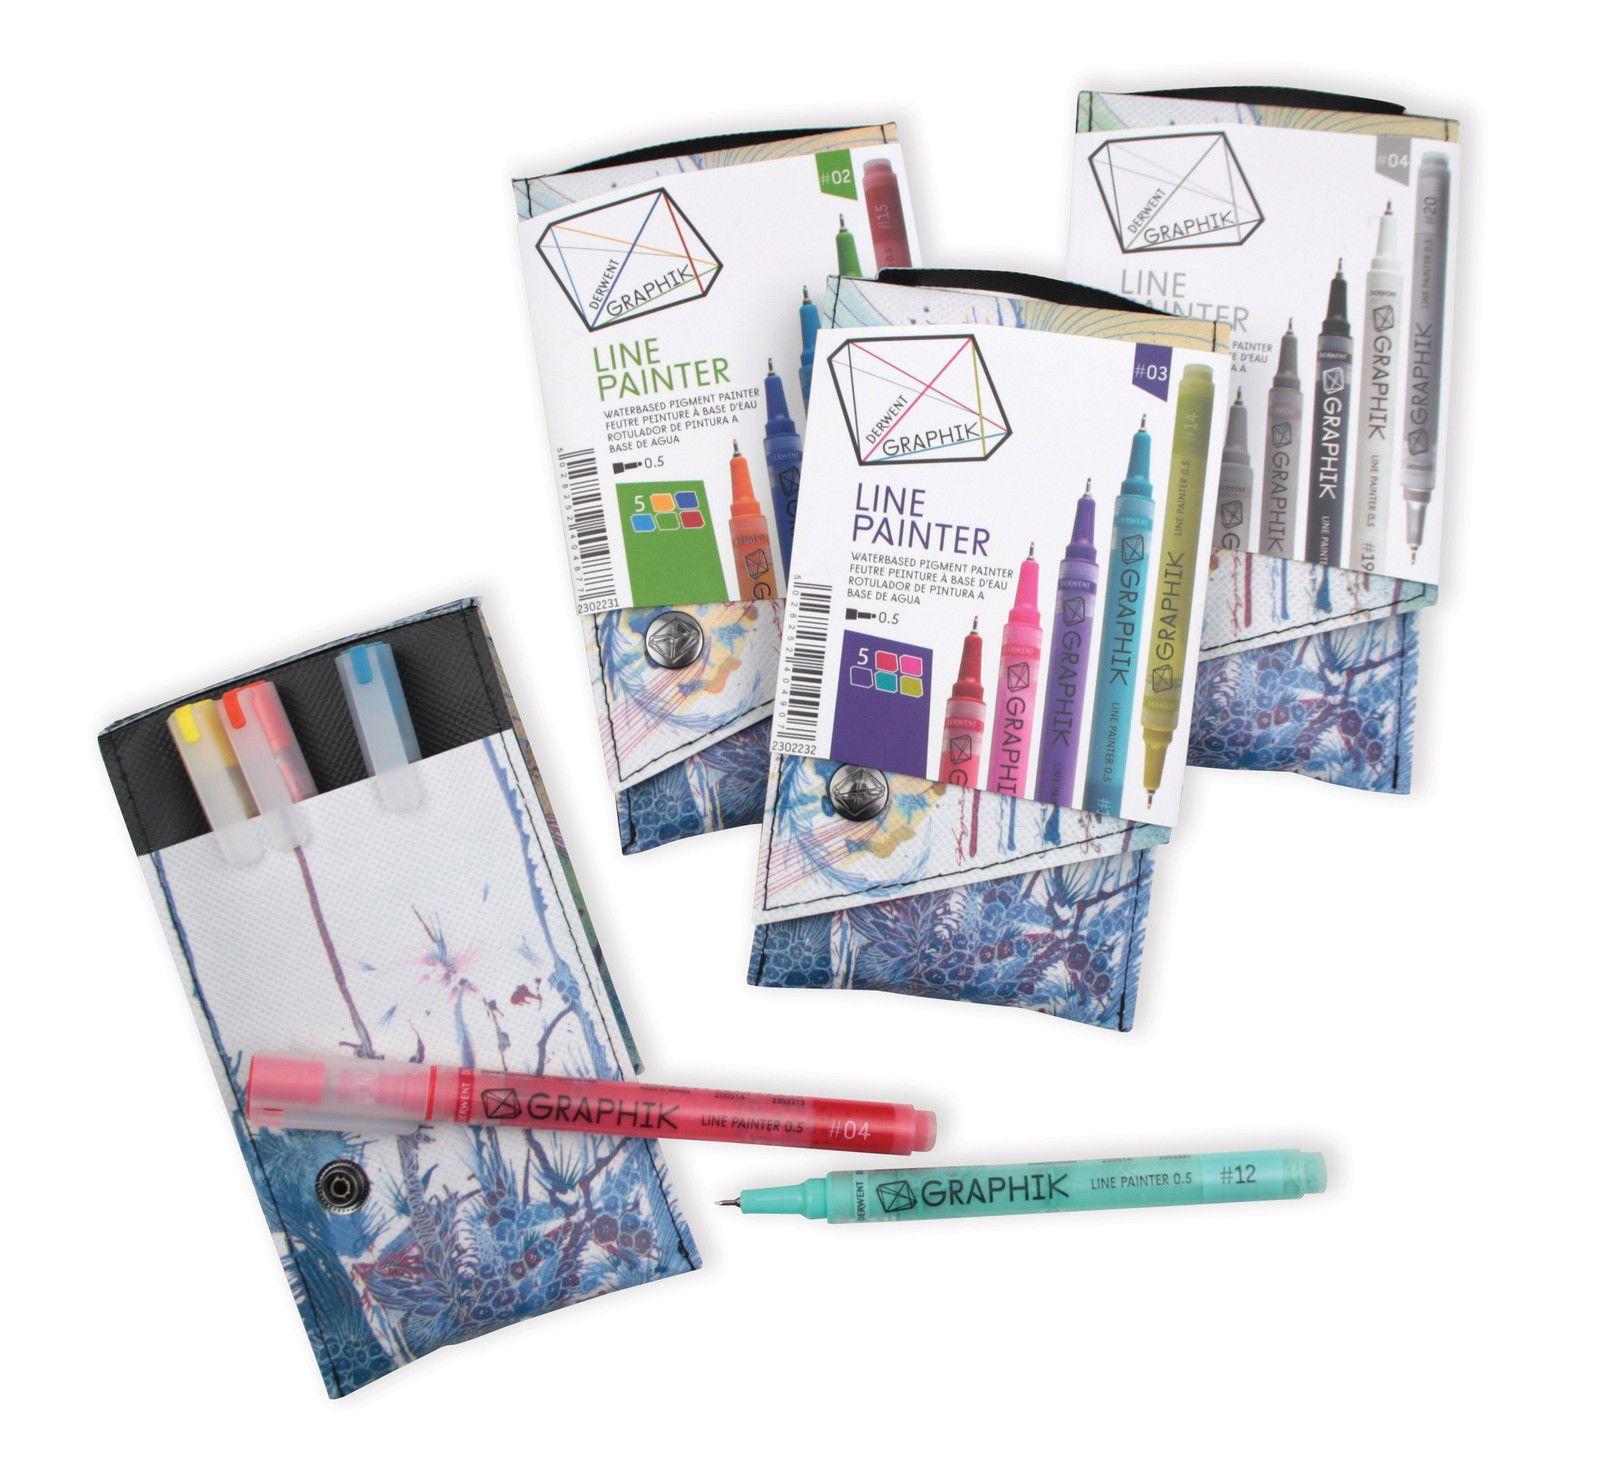 Derwent Graphik Line Painter Pen Wallet Of 5 Colours Sets